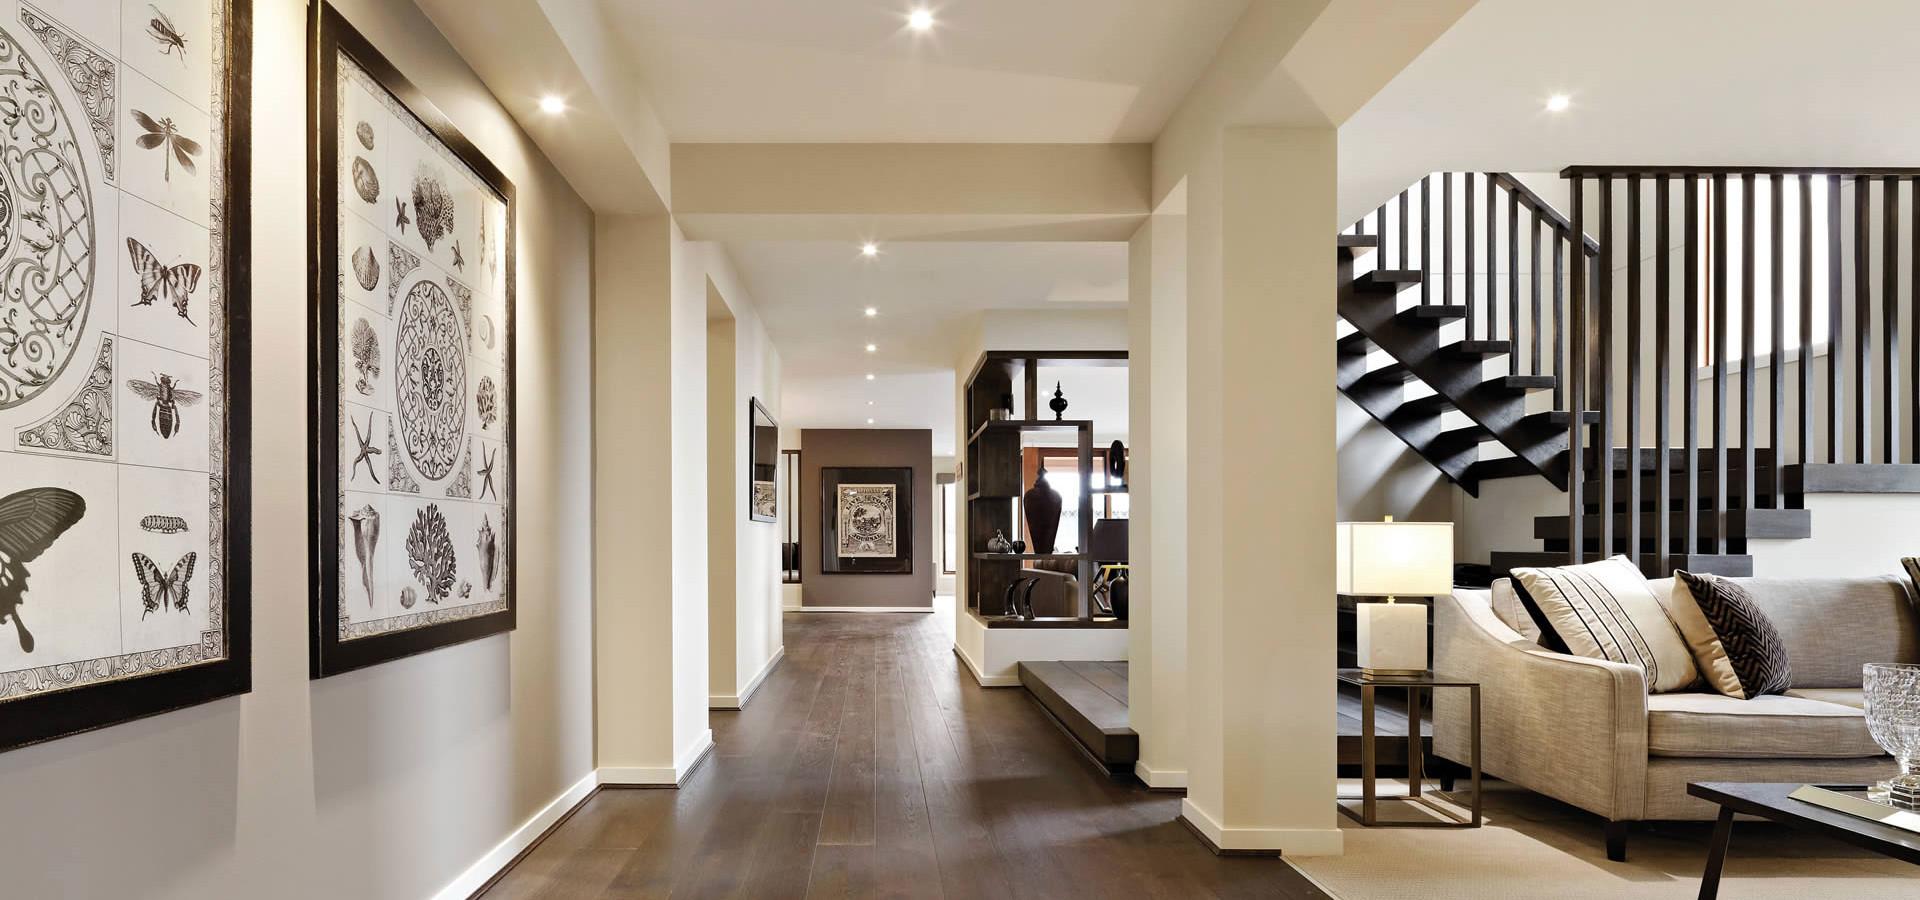 Een gezellige entree in huis zorgt voor een warm welkom!